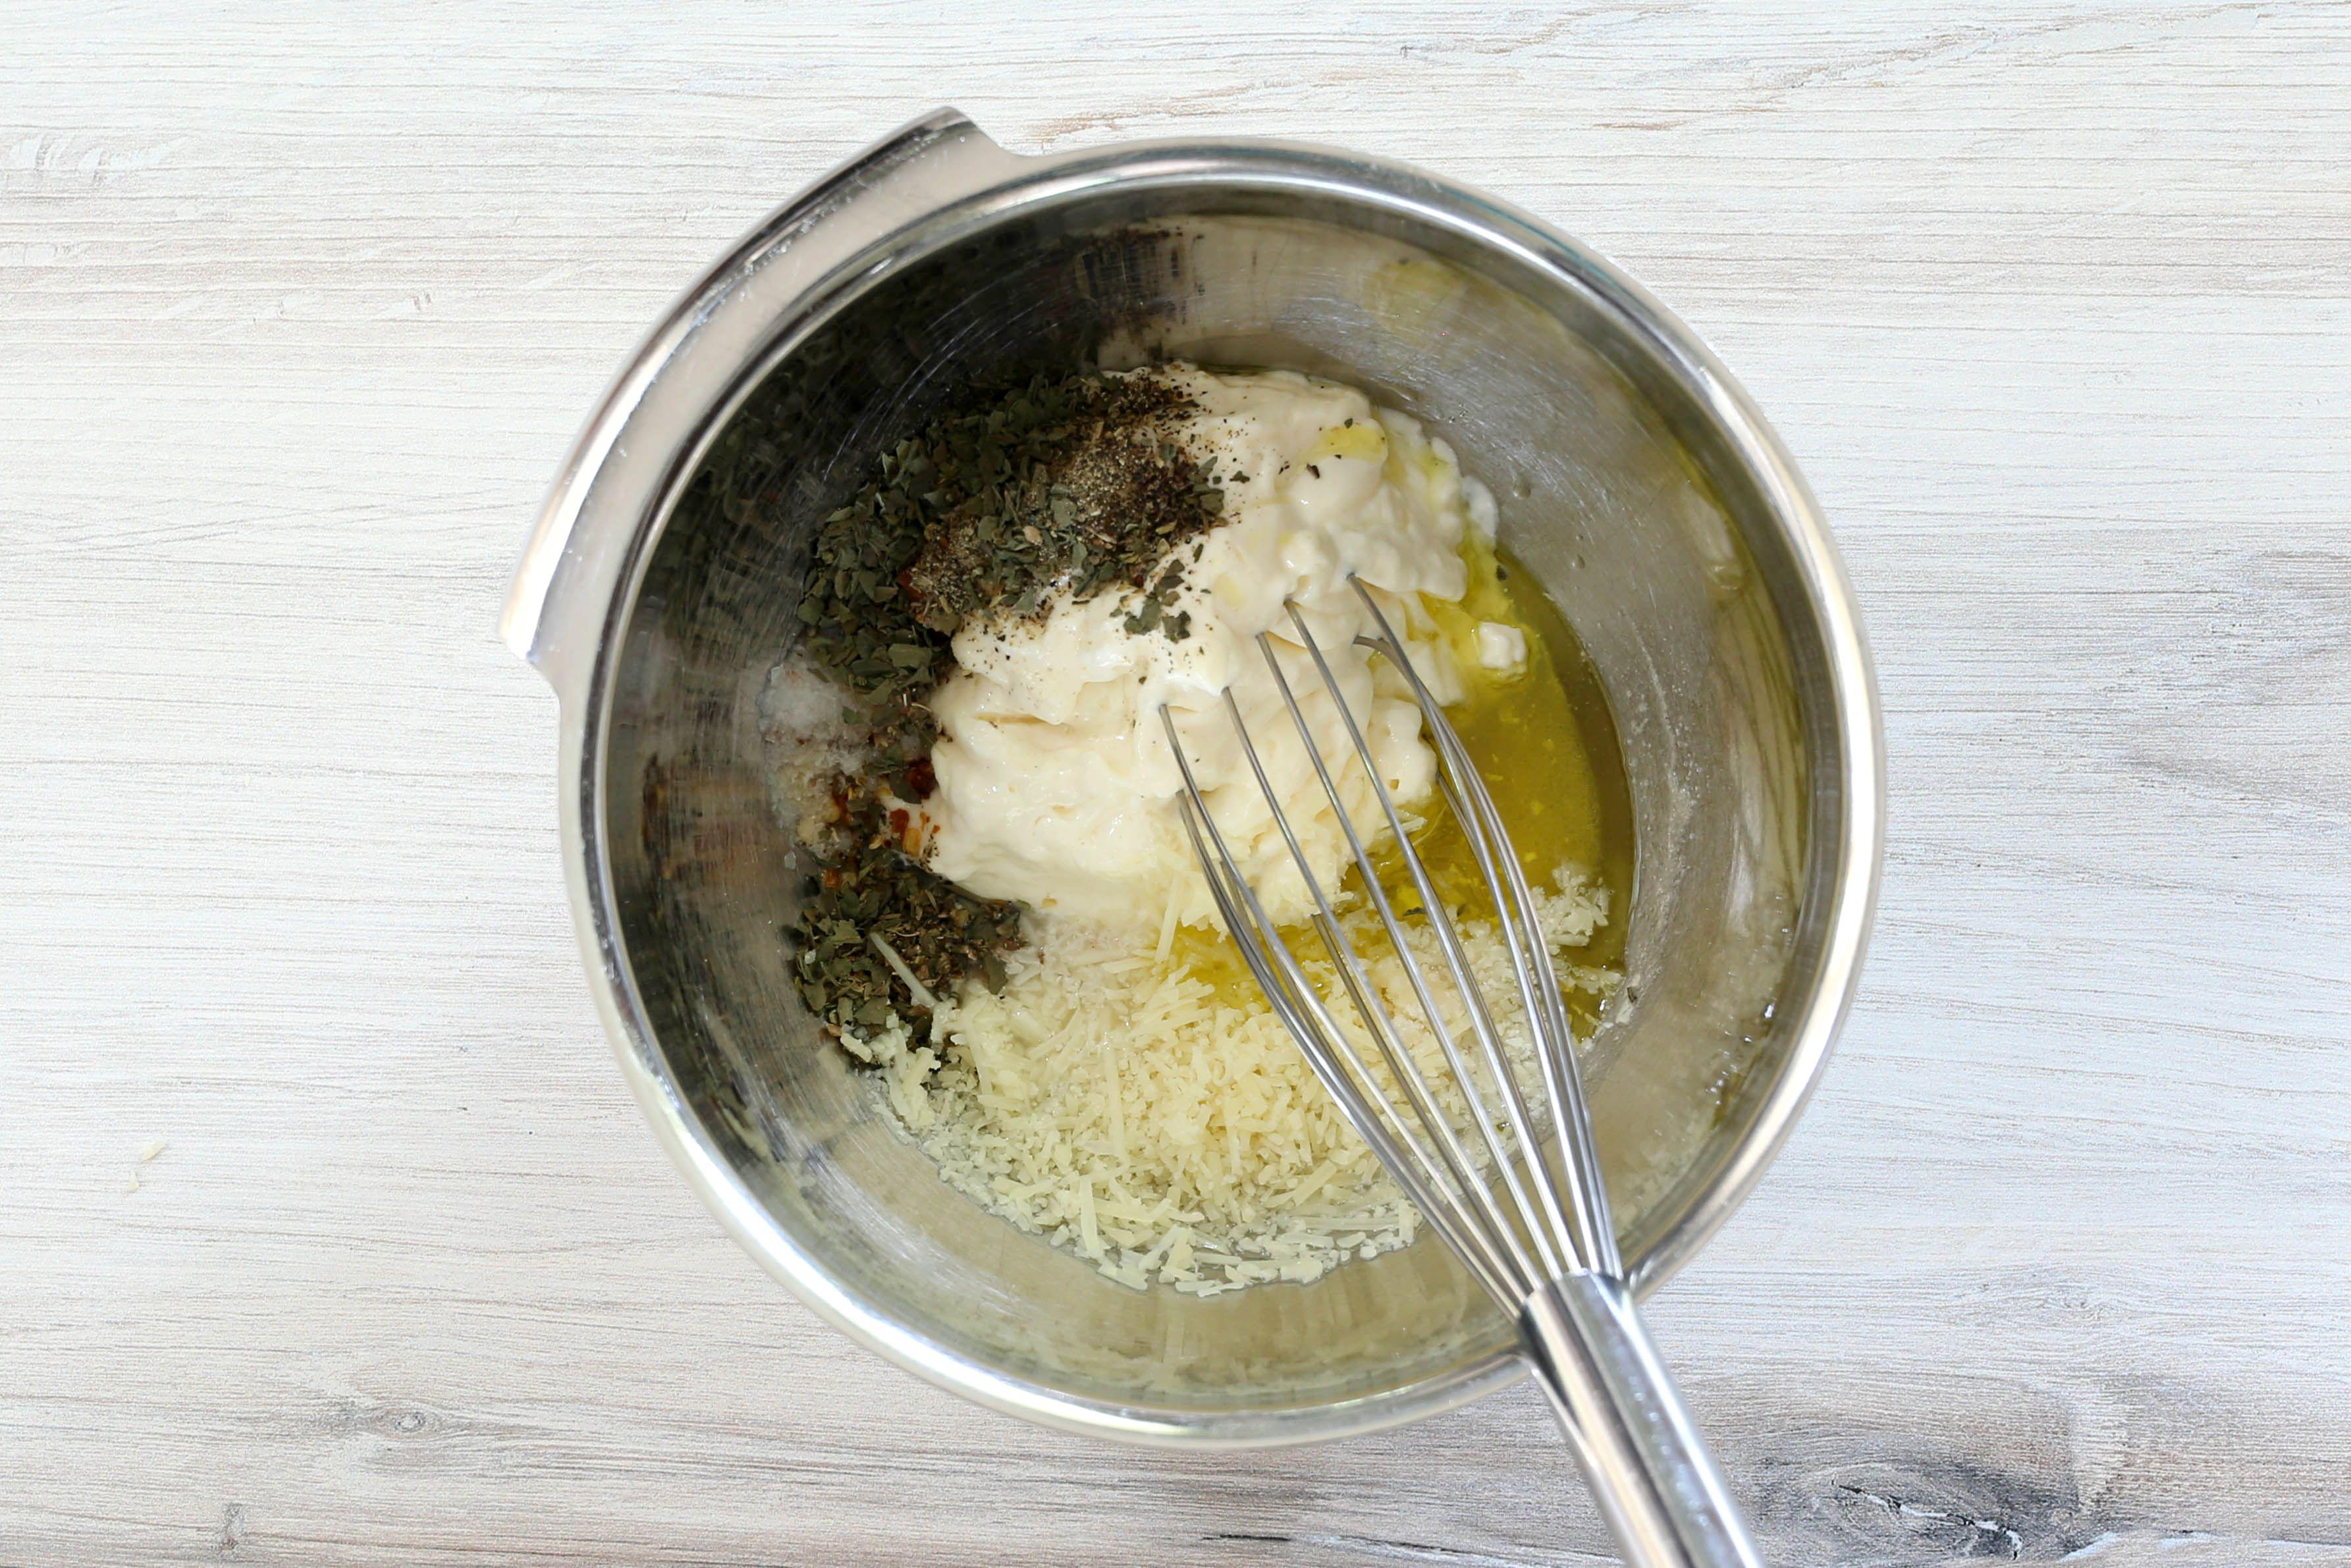 Whisking garlic Parmesan dipping sauce ingredients